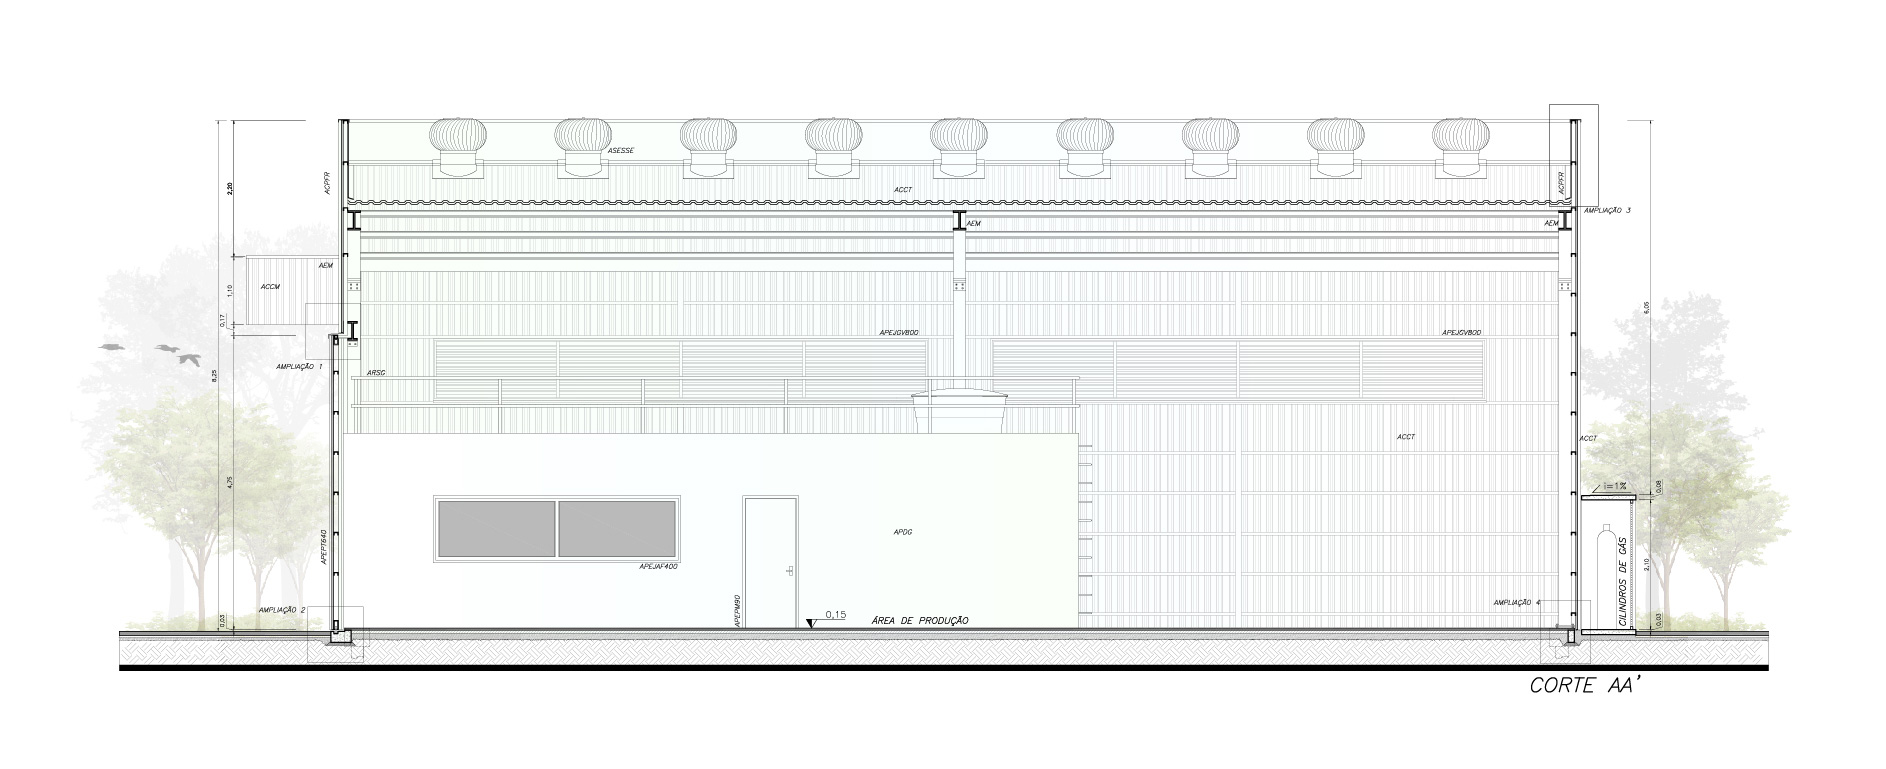 Corte da edificação